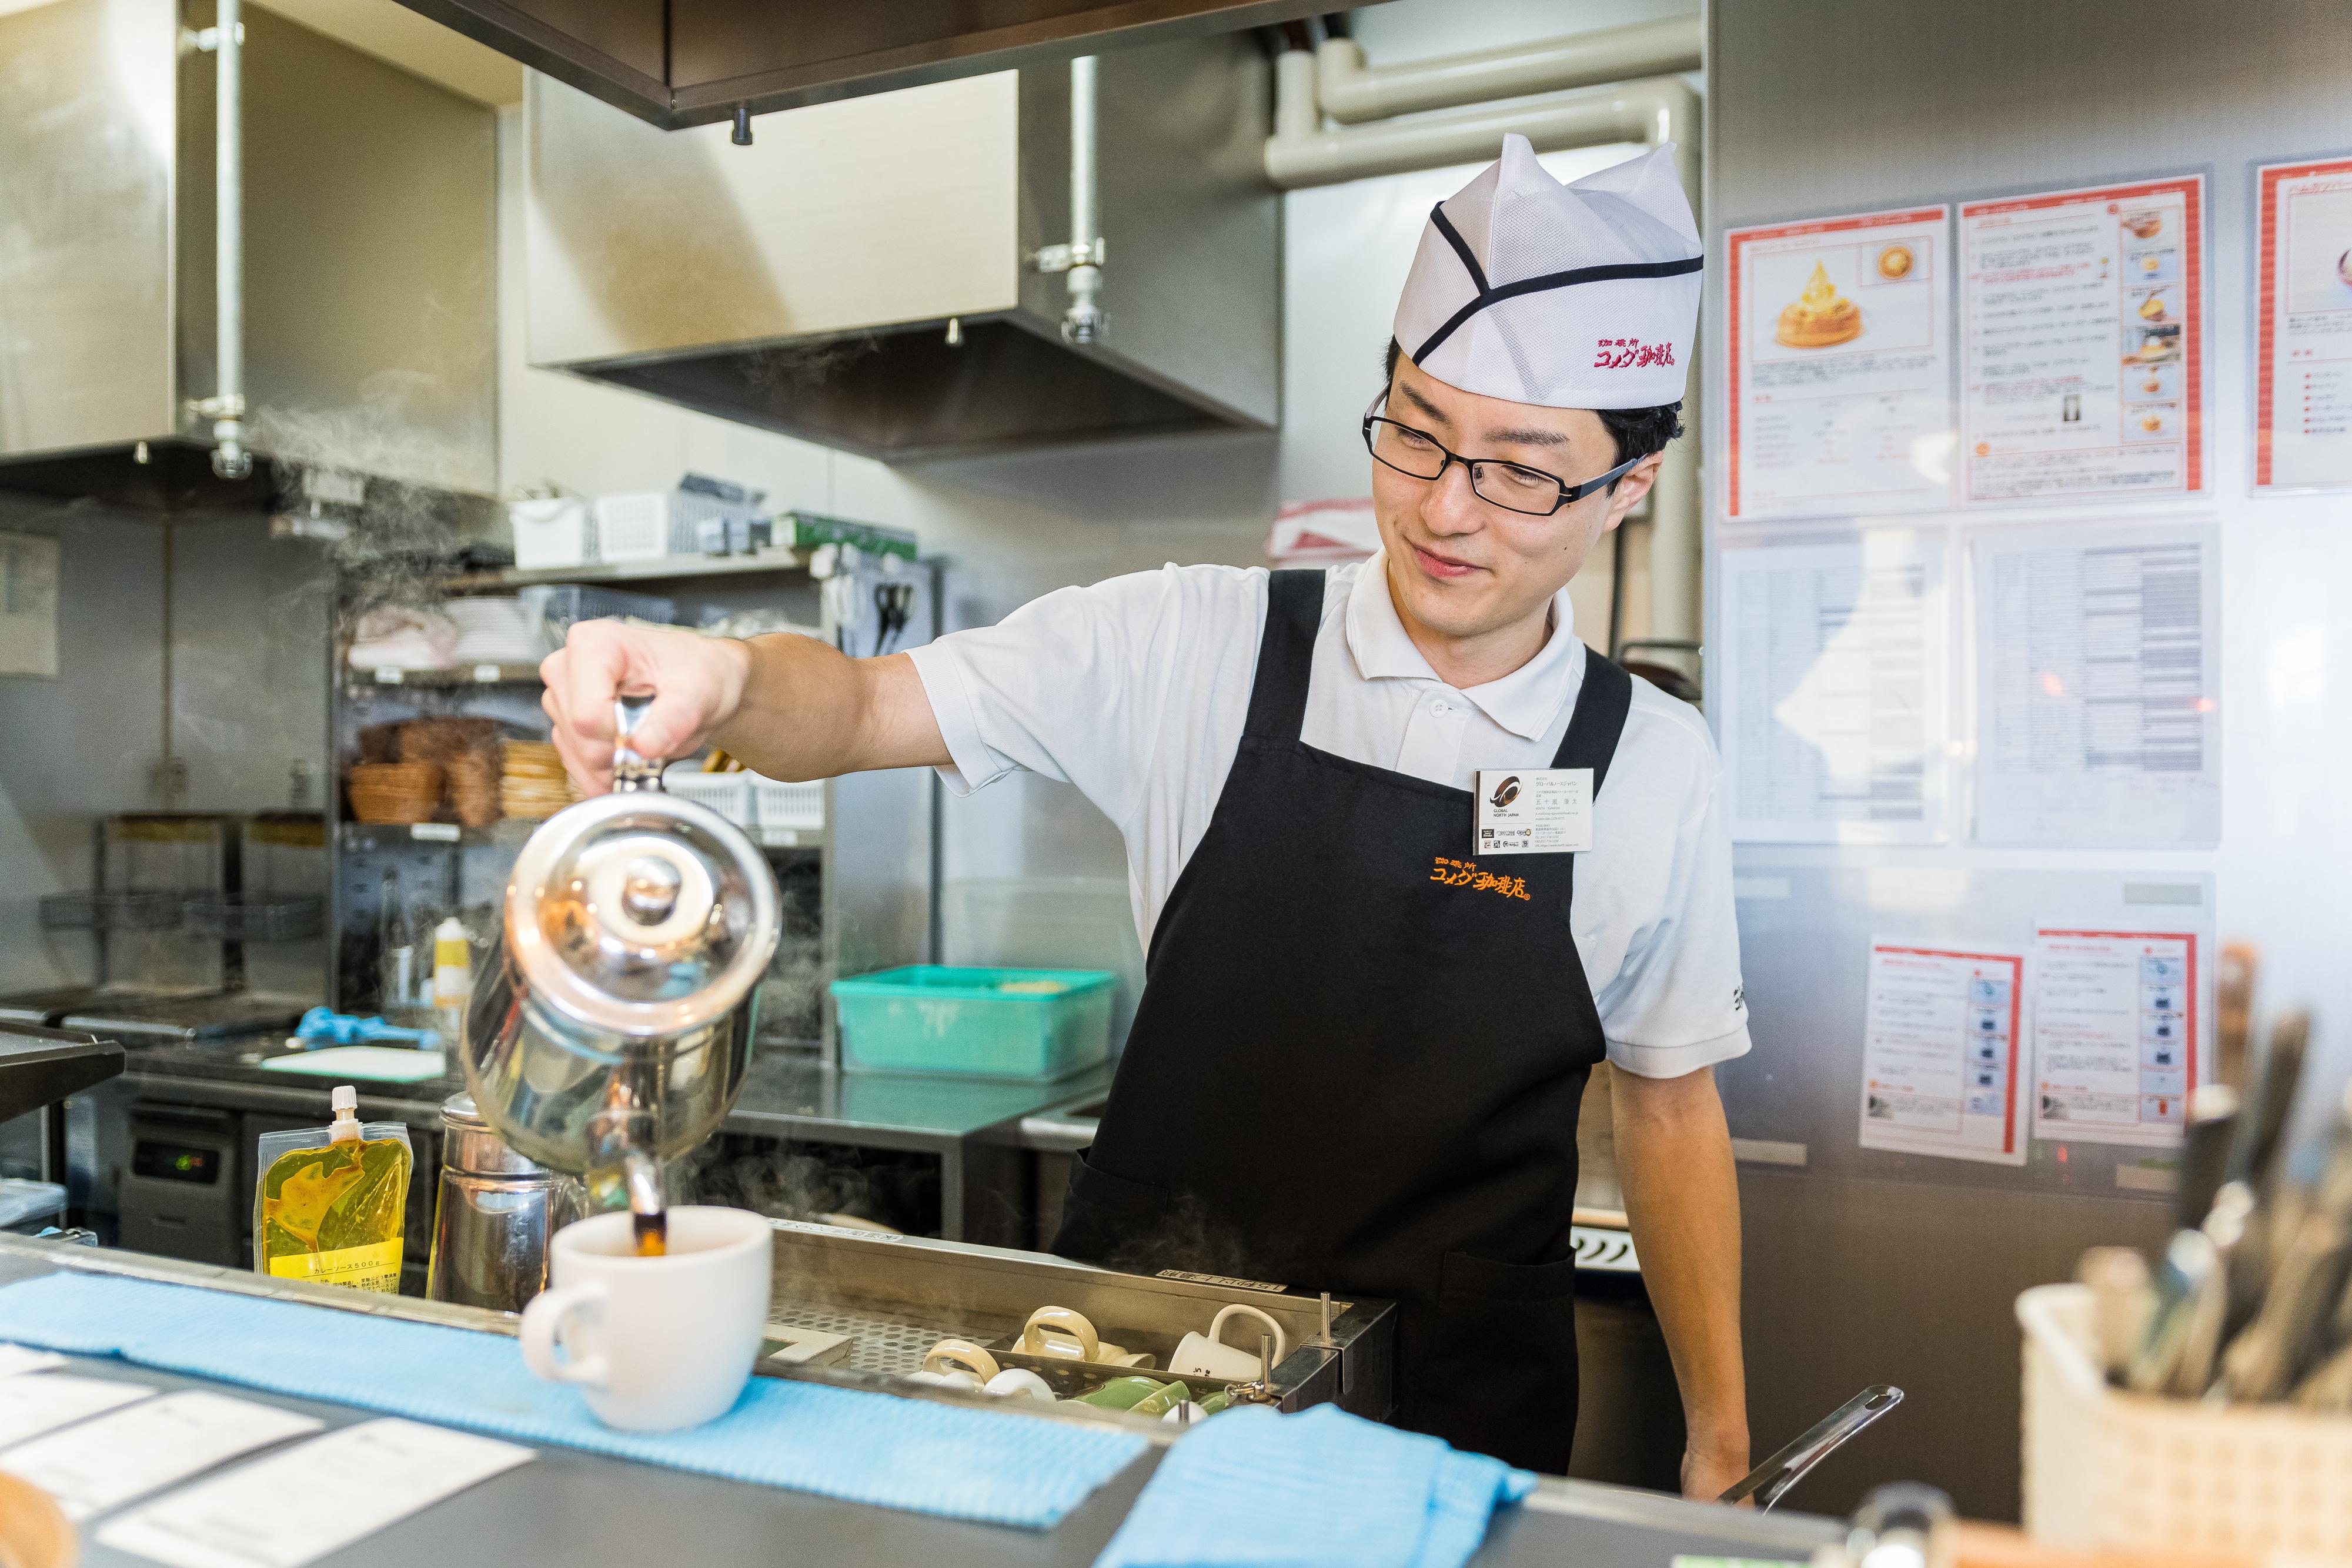 【オープニング正社員】安定成長企業で関東進出のオープニング立ち上げコメダ珈琲店 イオンモール川口店